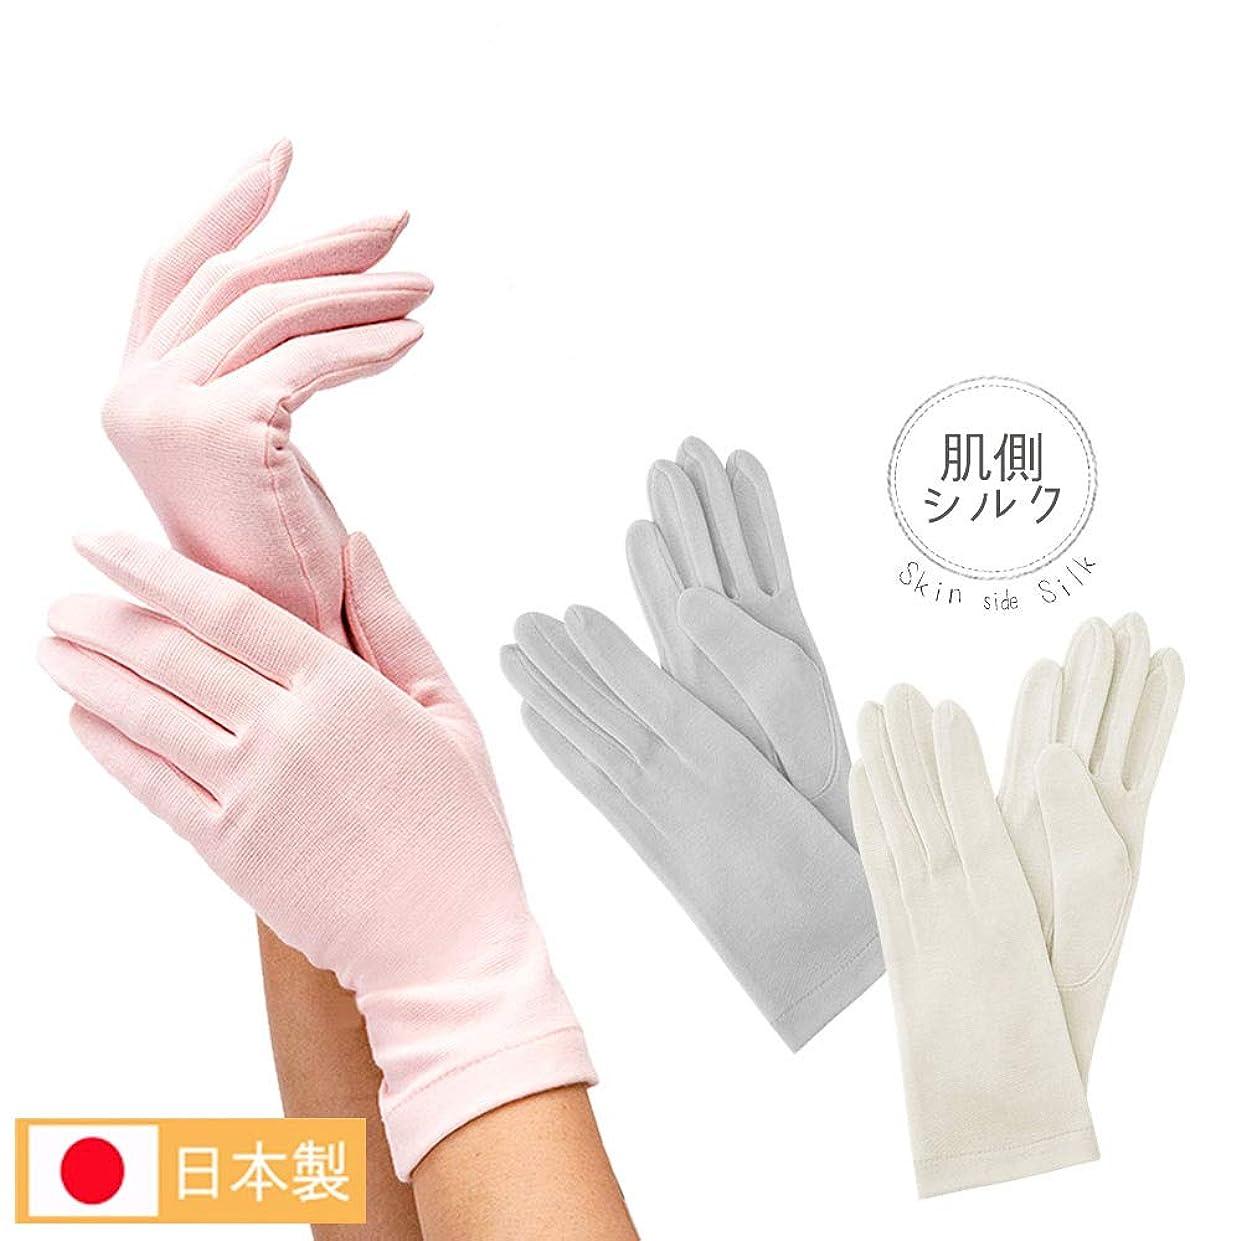 タックルメイトサンダースG12-0071_IV 就寝用 裏シルクうるおい手袋 あったか 薄い 手荒れ ハンドケア 保湿 レディース 女性 おやすみ 寝るとき 日本製 アイボリー